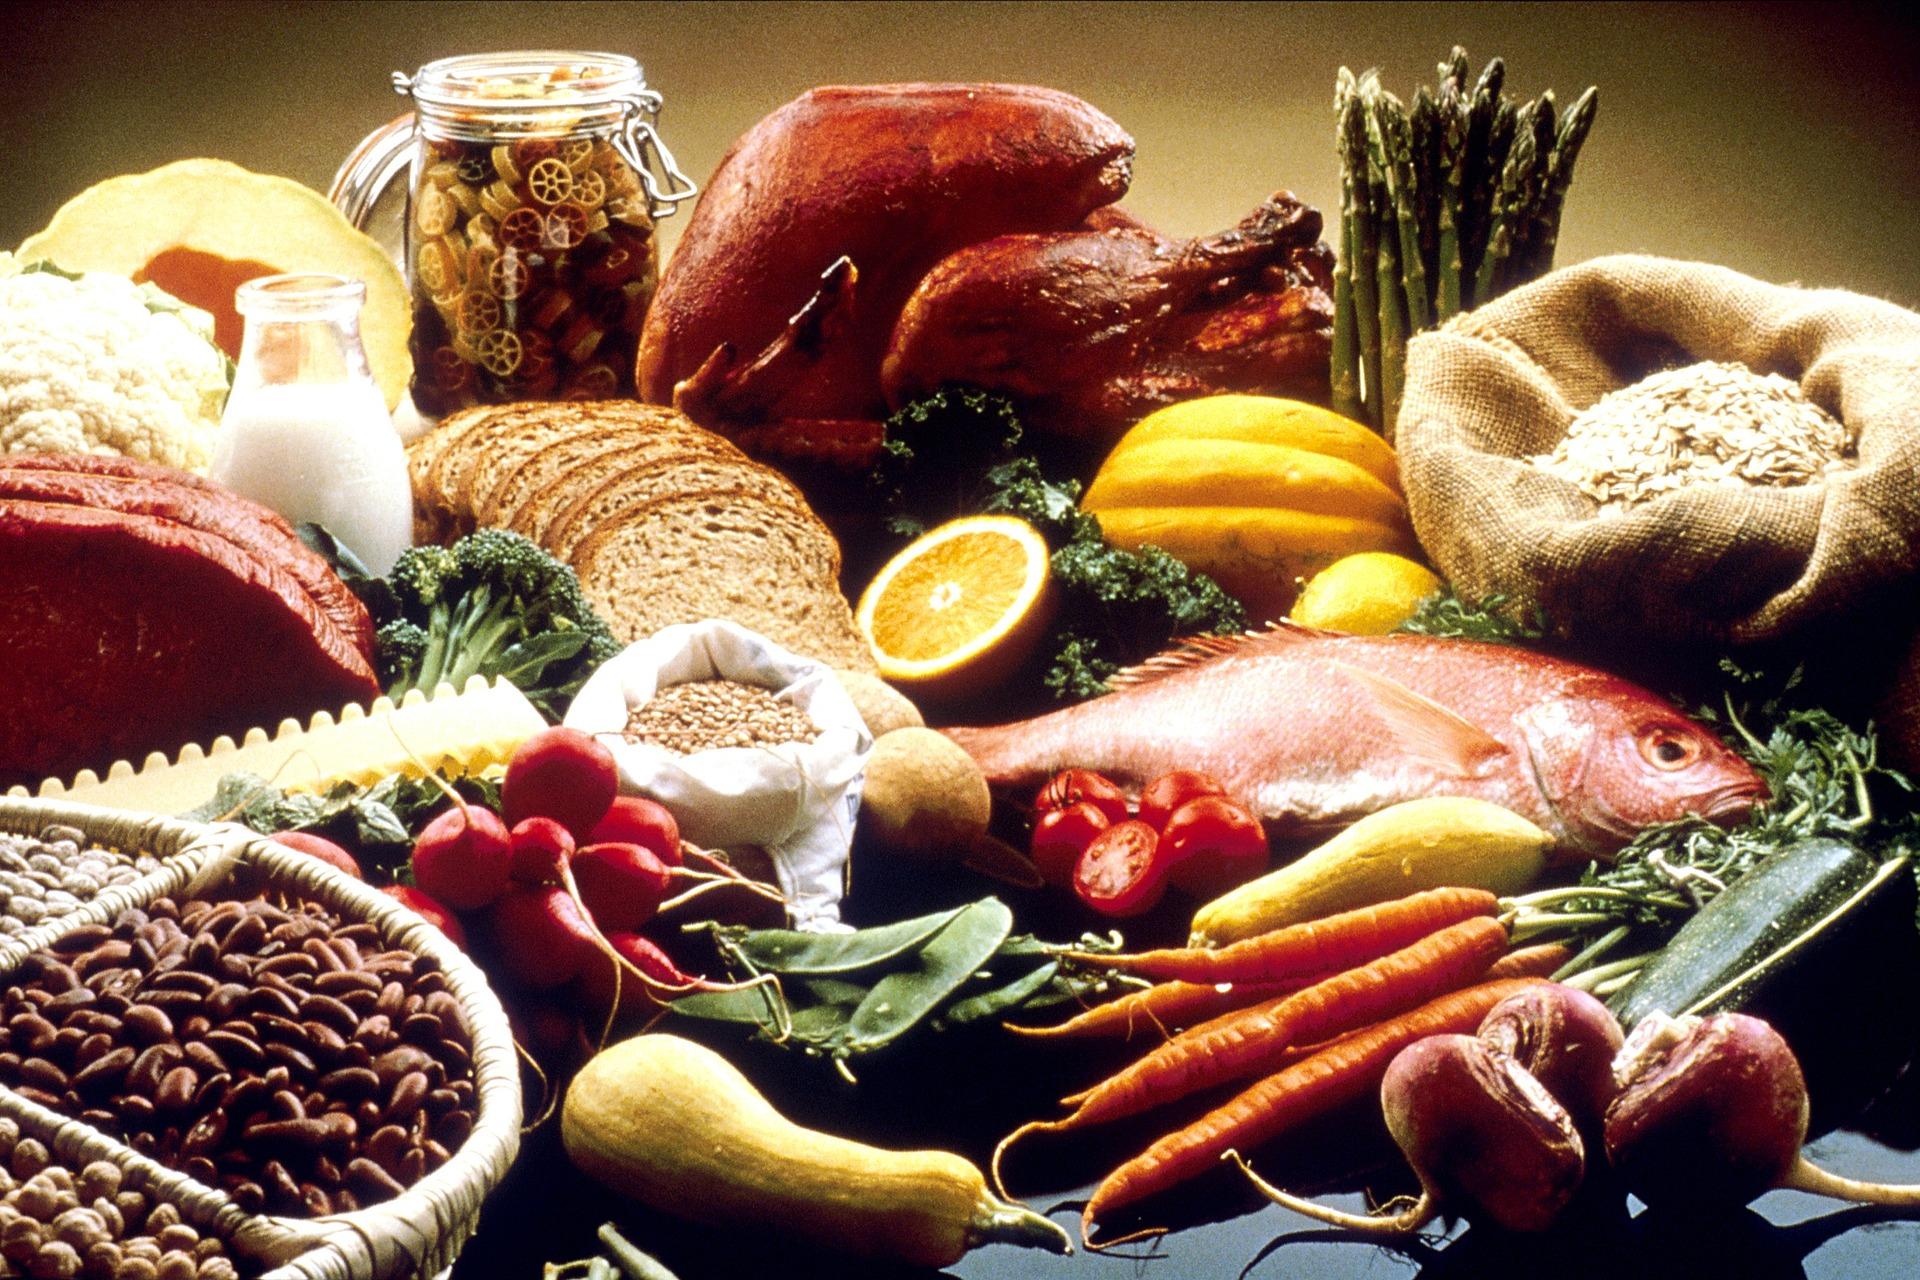 makanan sehat dan manfaat zat gizi